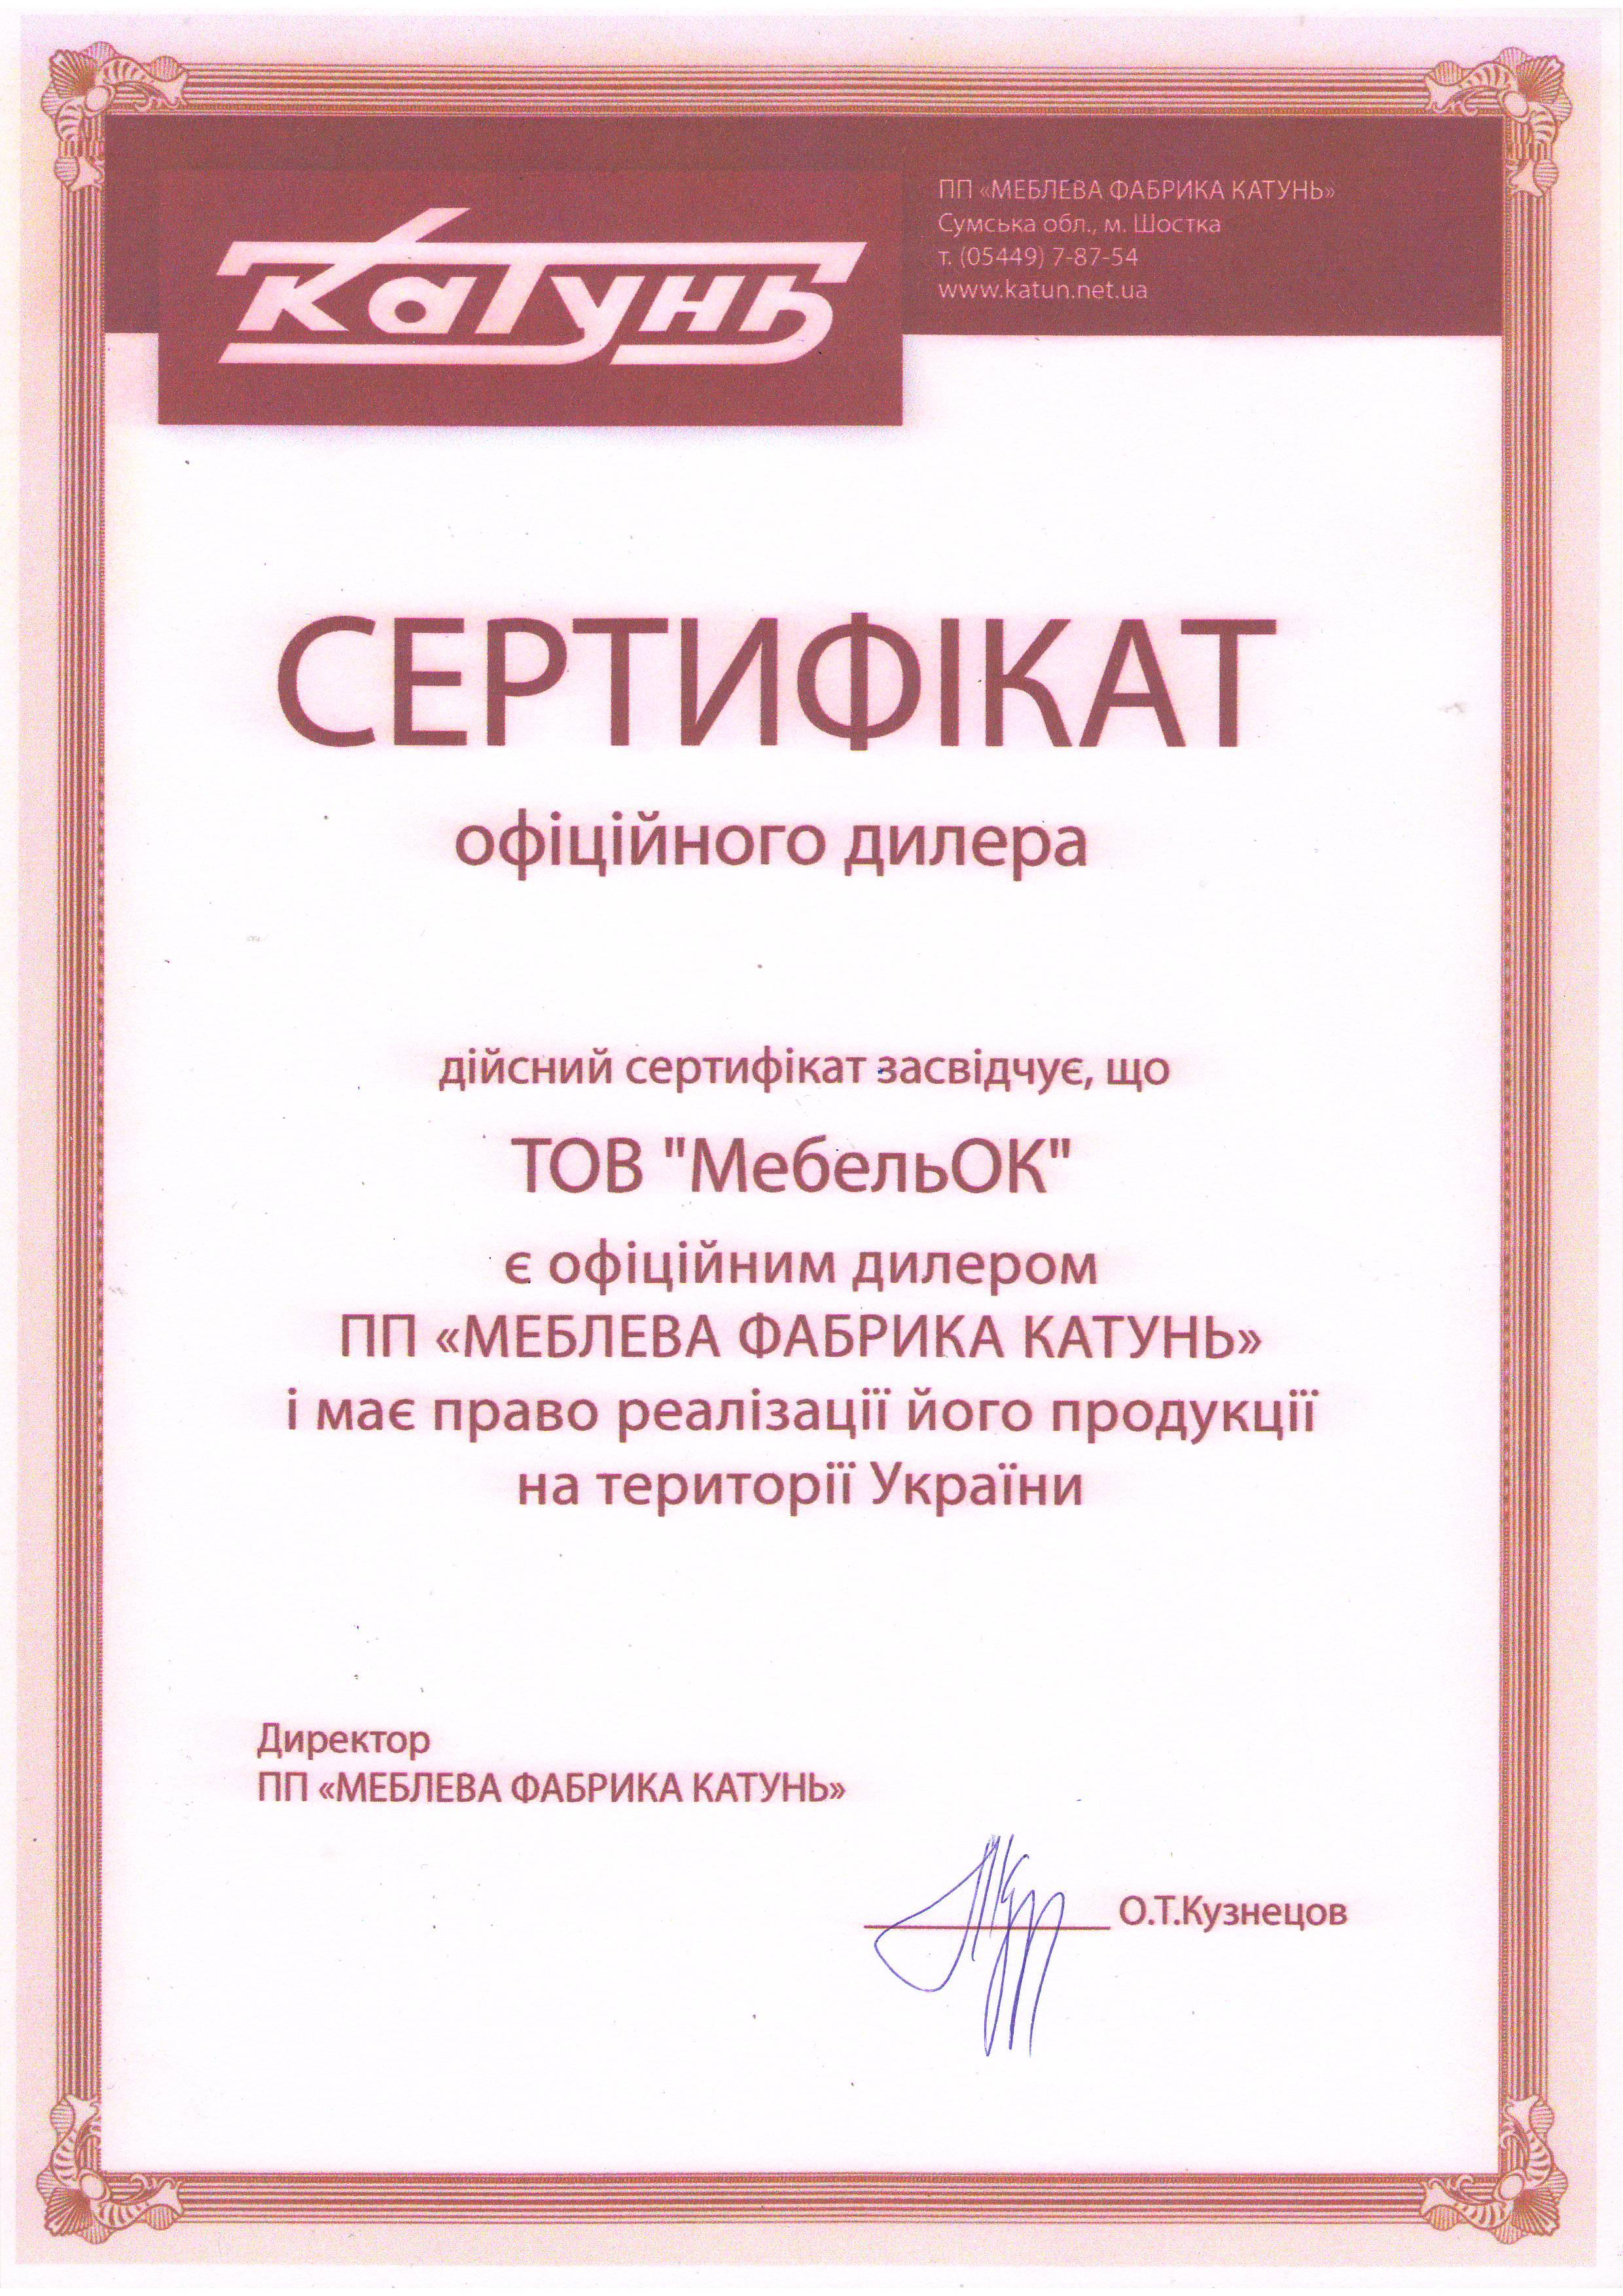 Сертификат на официального дилера - МебельОк.